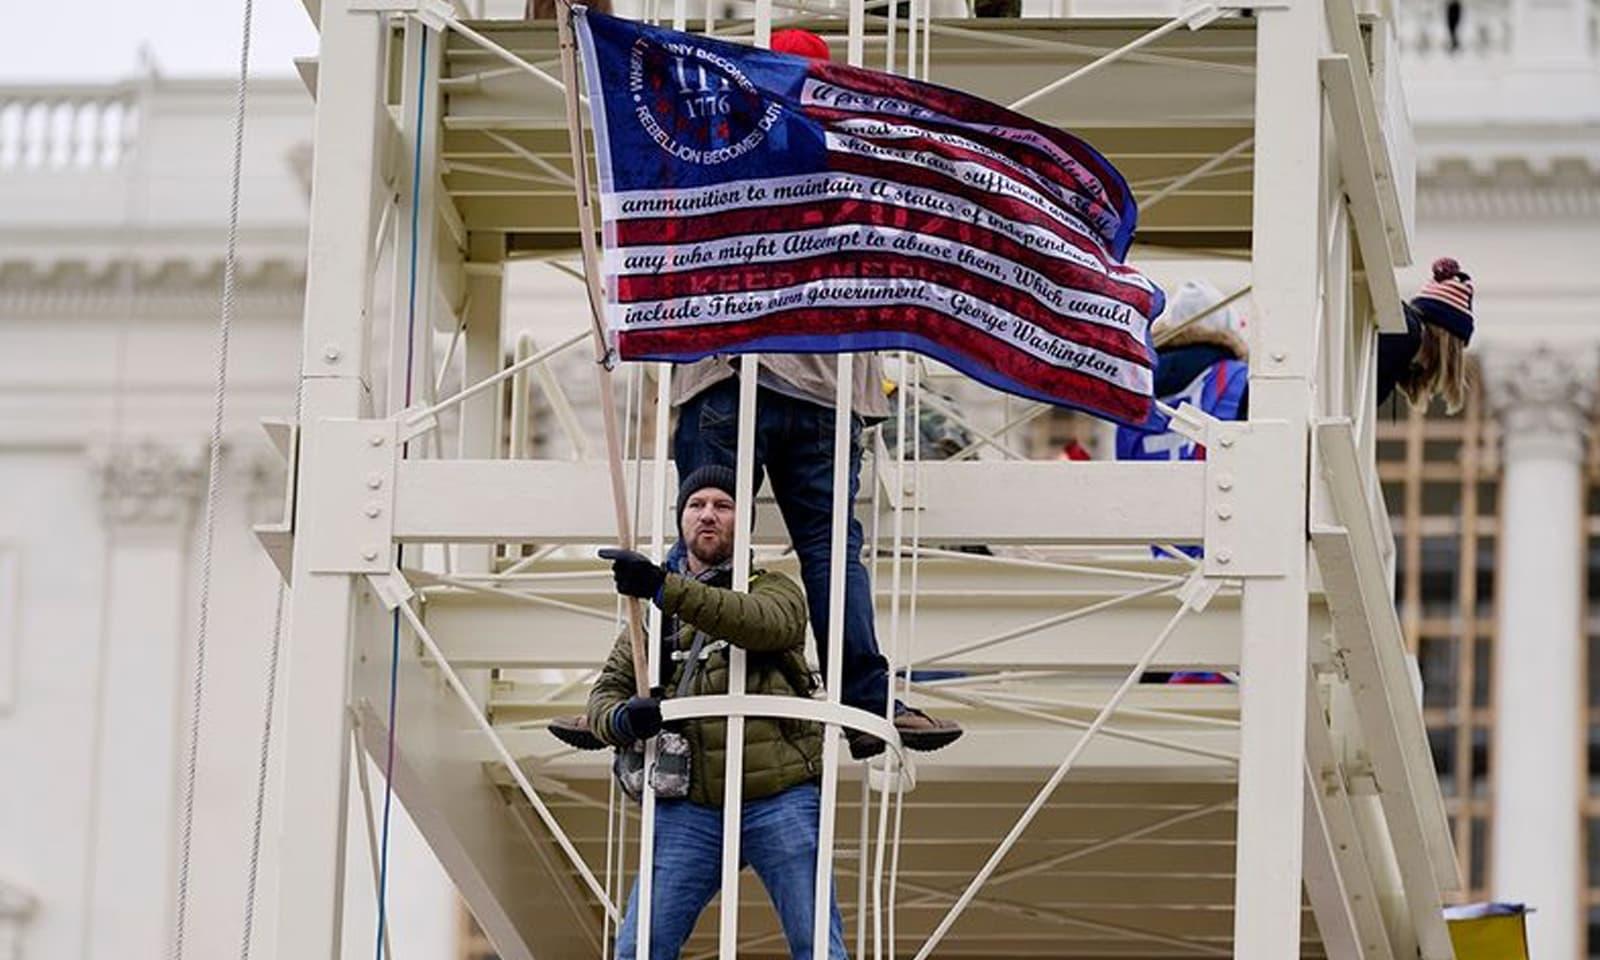 میئر نے تشدد میں کمی کے لیے شام کےاوقات واشنگٹن میں کرفیو نافذ کردیا—فوٹو:نیوز ایجنسیز